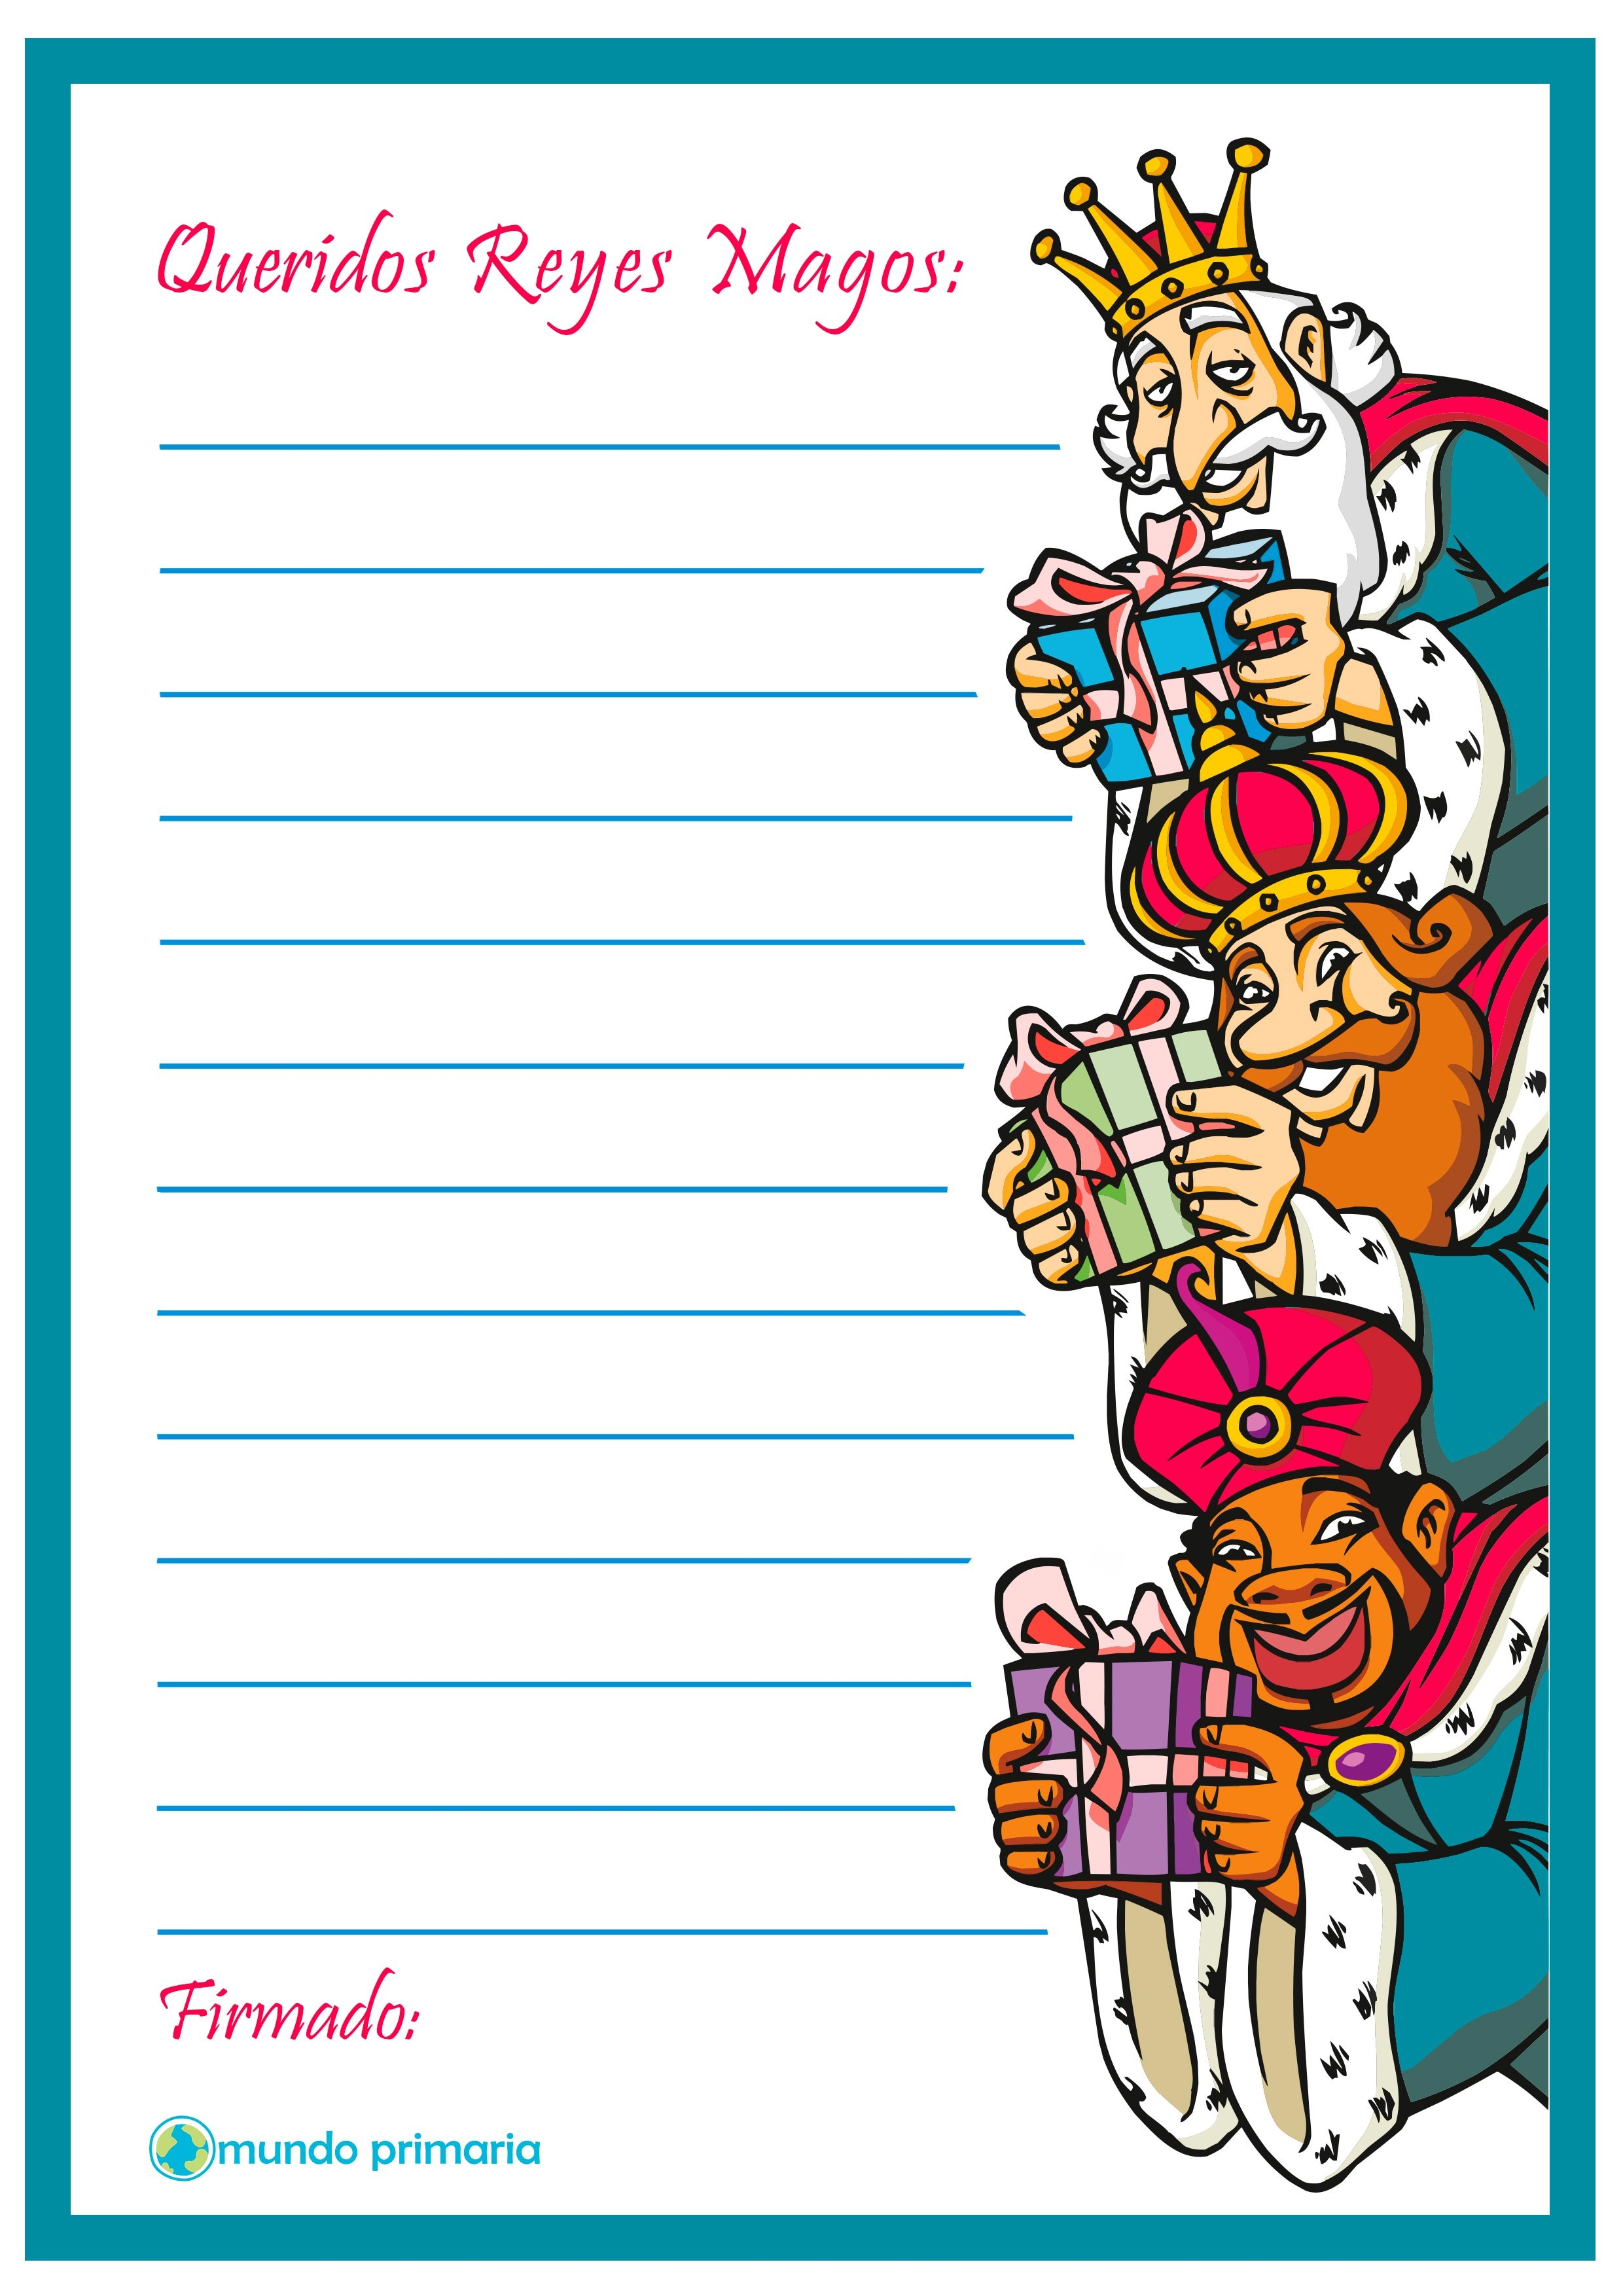 Calendarios 2019 Para Imprimir Blanco Y Negro Actual Más De 50 Cartas Para Enviar A Los Reyes Para Imprimir Y Descargar Of Calendarios 2019 Para Imprimir Blanco Y Negro Más Reciente Cursos De Dise±o Online En Verano Creative Mindly